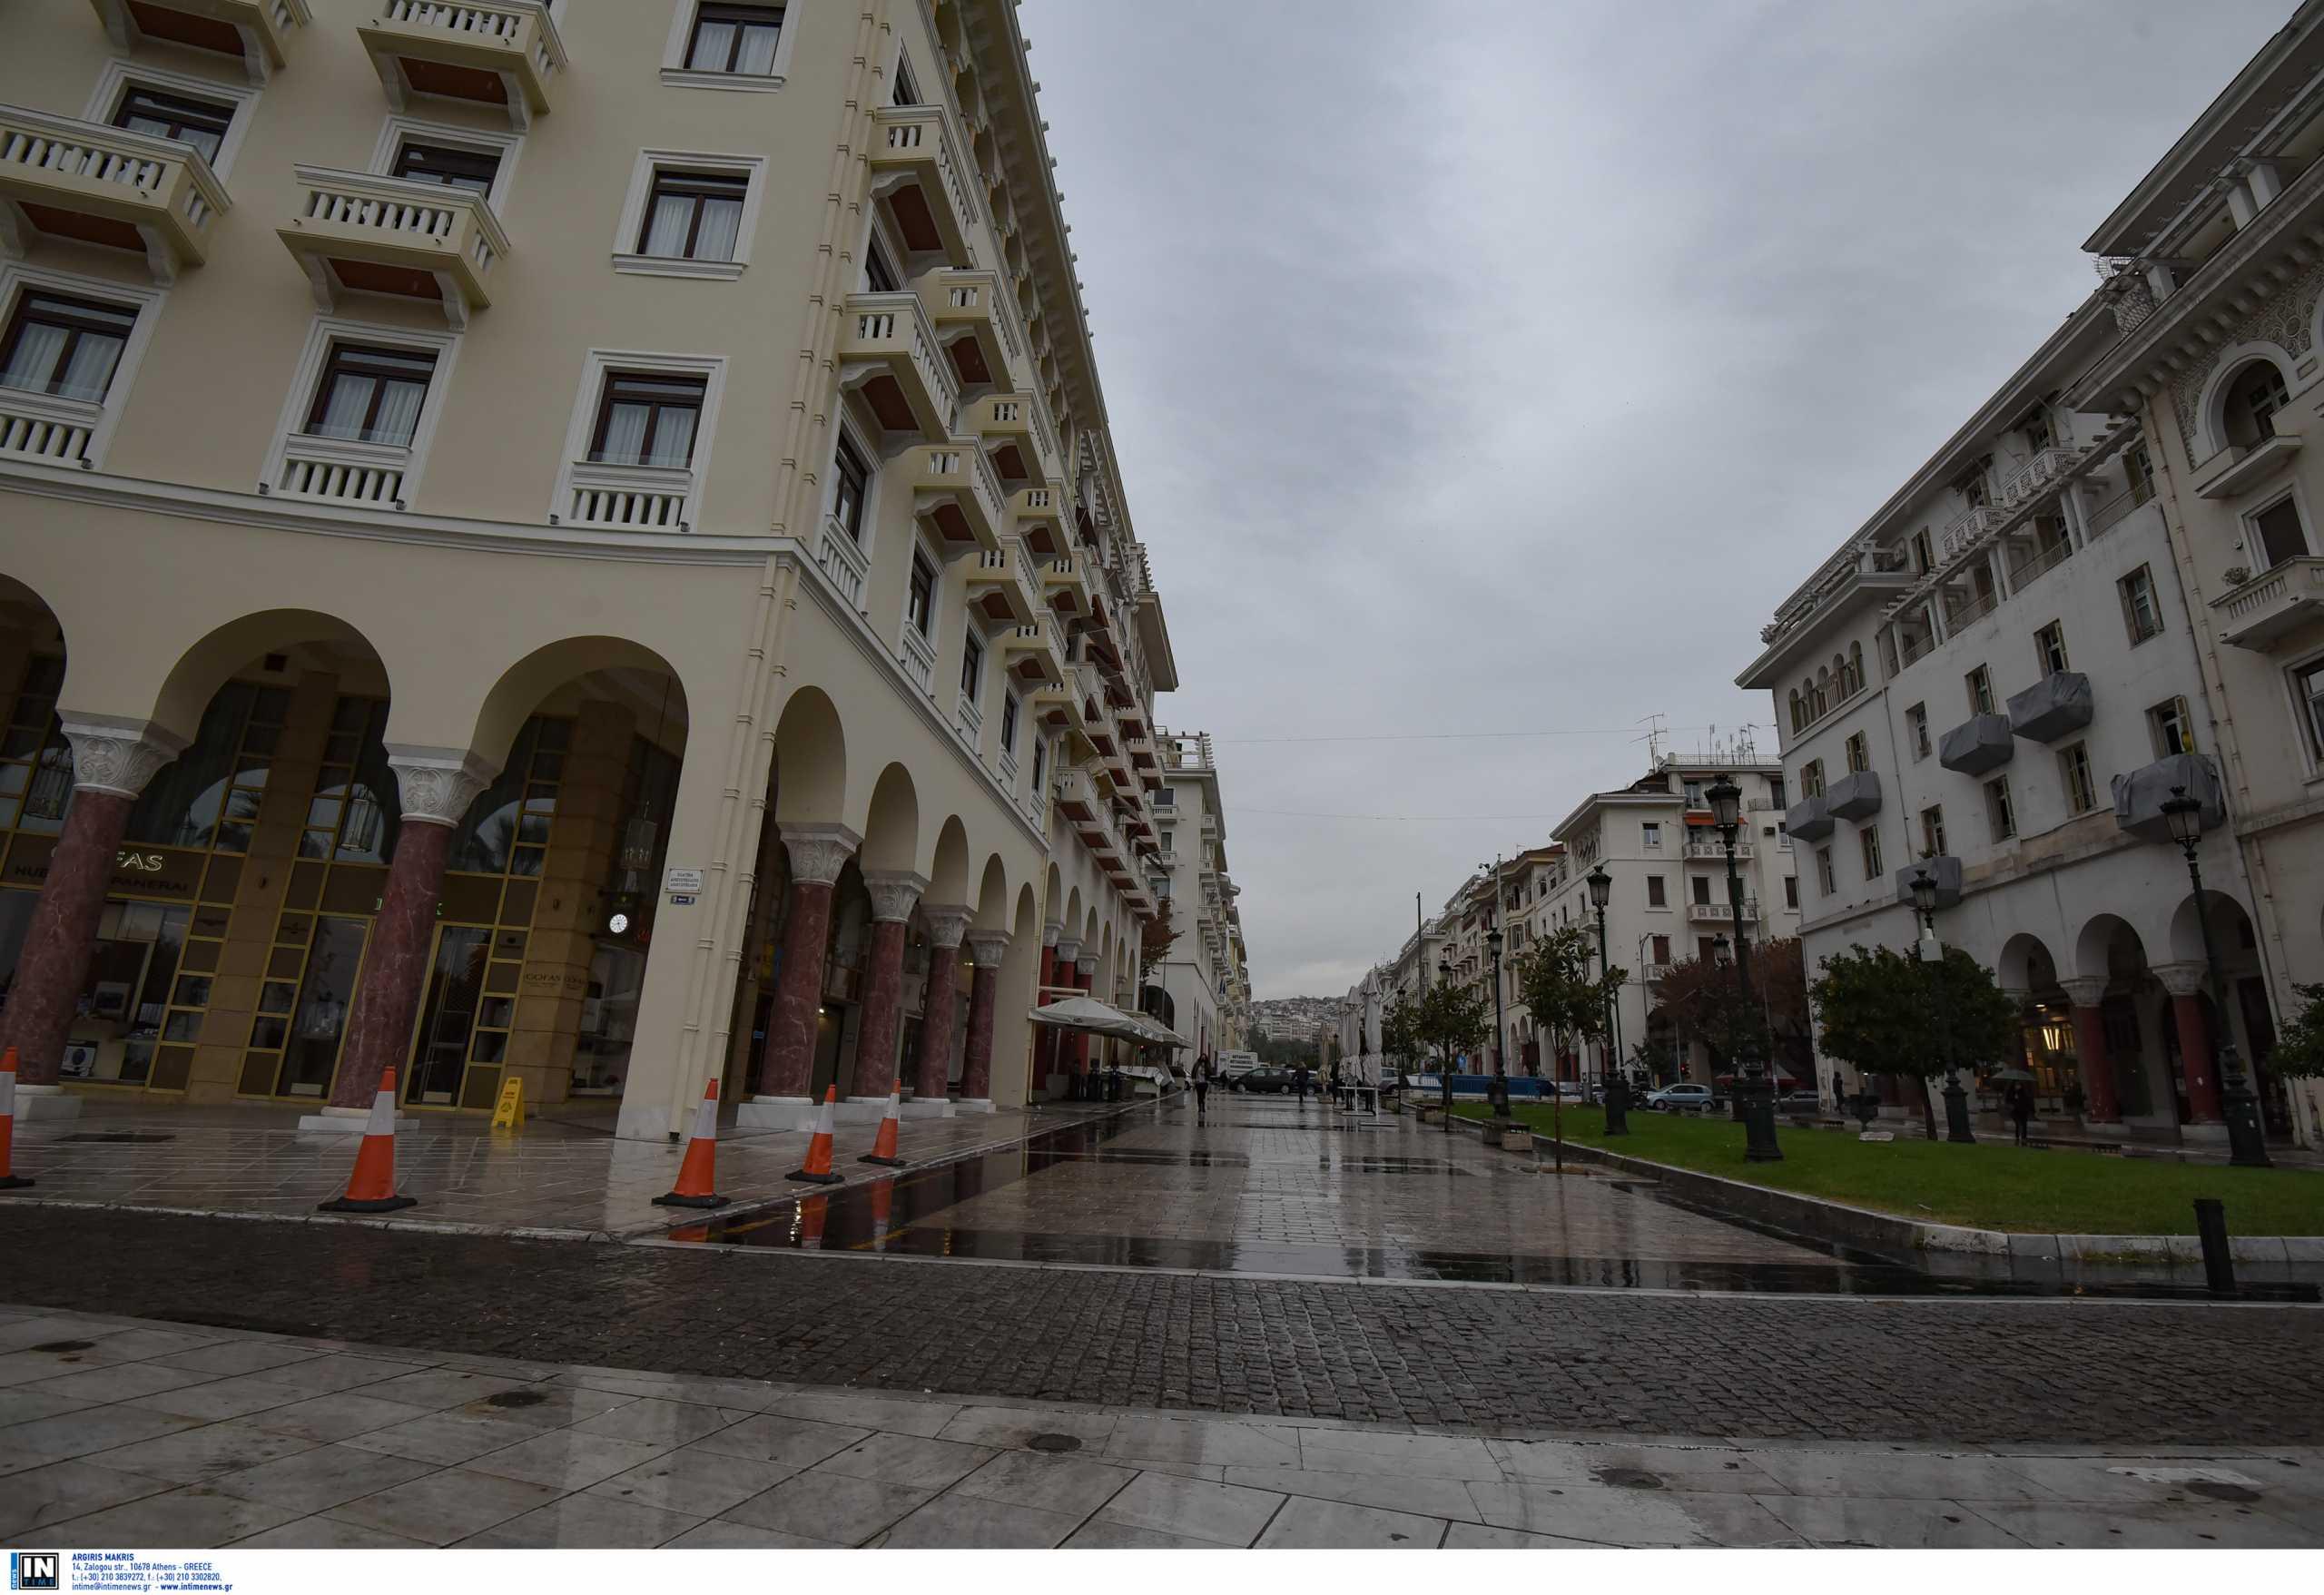 Κορονοϊός: Ανησυχία στη Θεσσαλονίκη για νέο lockdown – «Η κατάσταση έχει ξεφύγει» λένε κάτοικοι στο newsit.gr